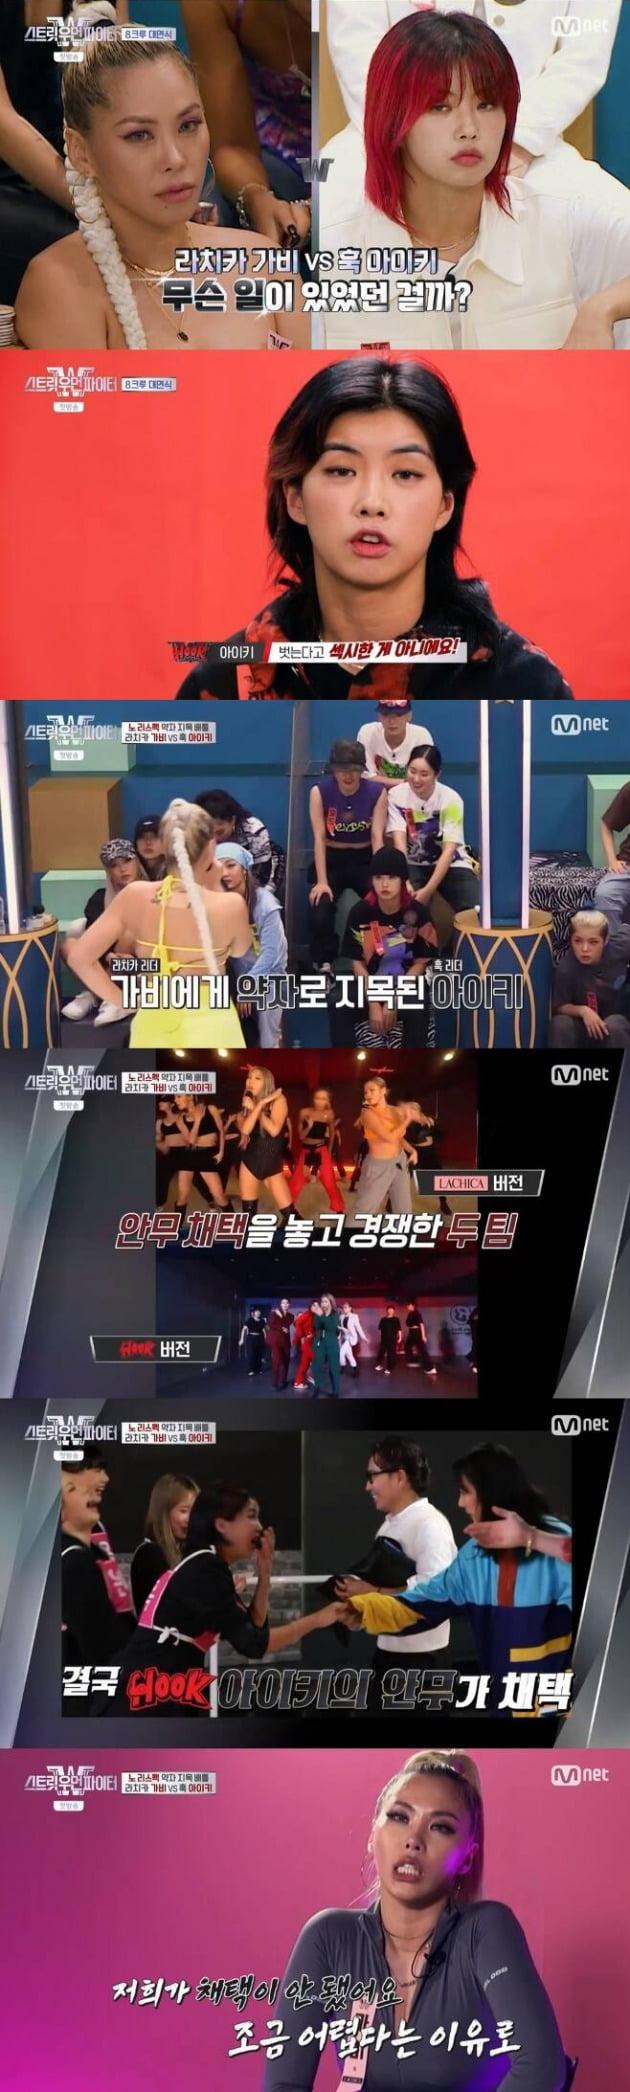 사진=Mnet '스트릿 우먼 파이터' 방송 화면.